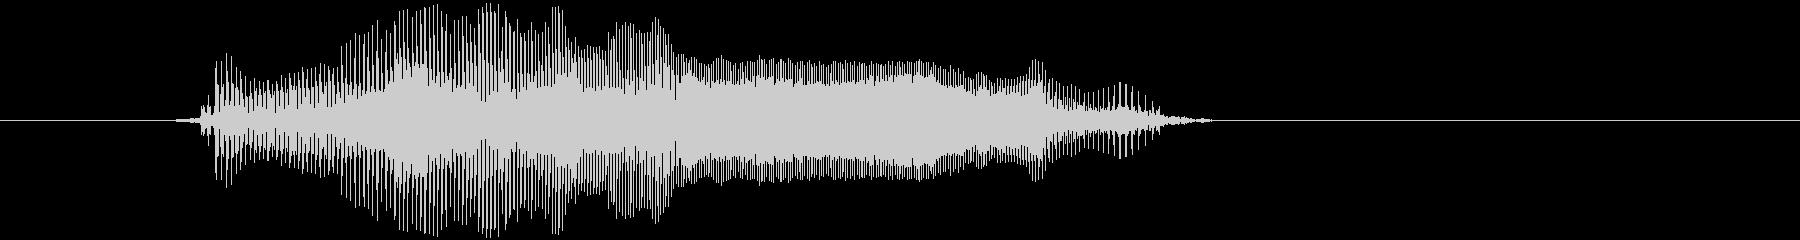 「イヤーン」の未再生の波形